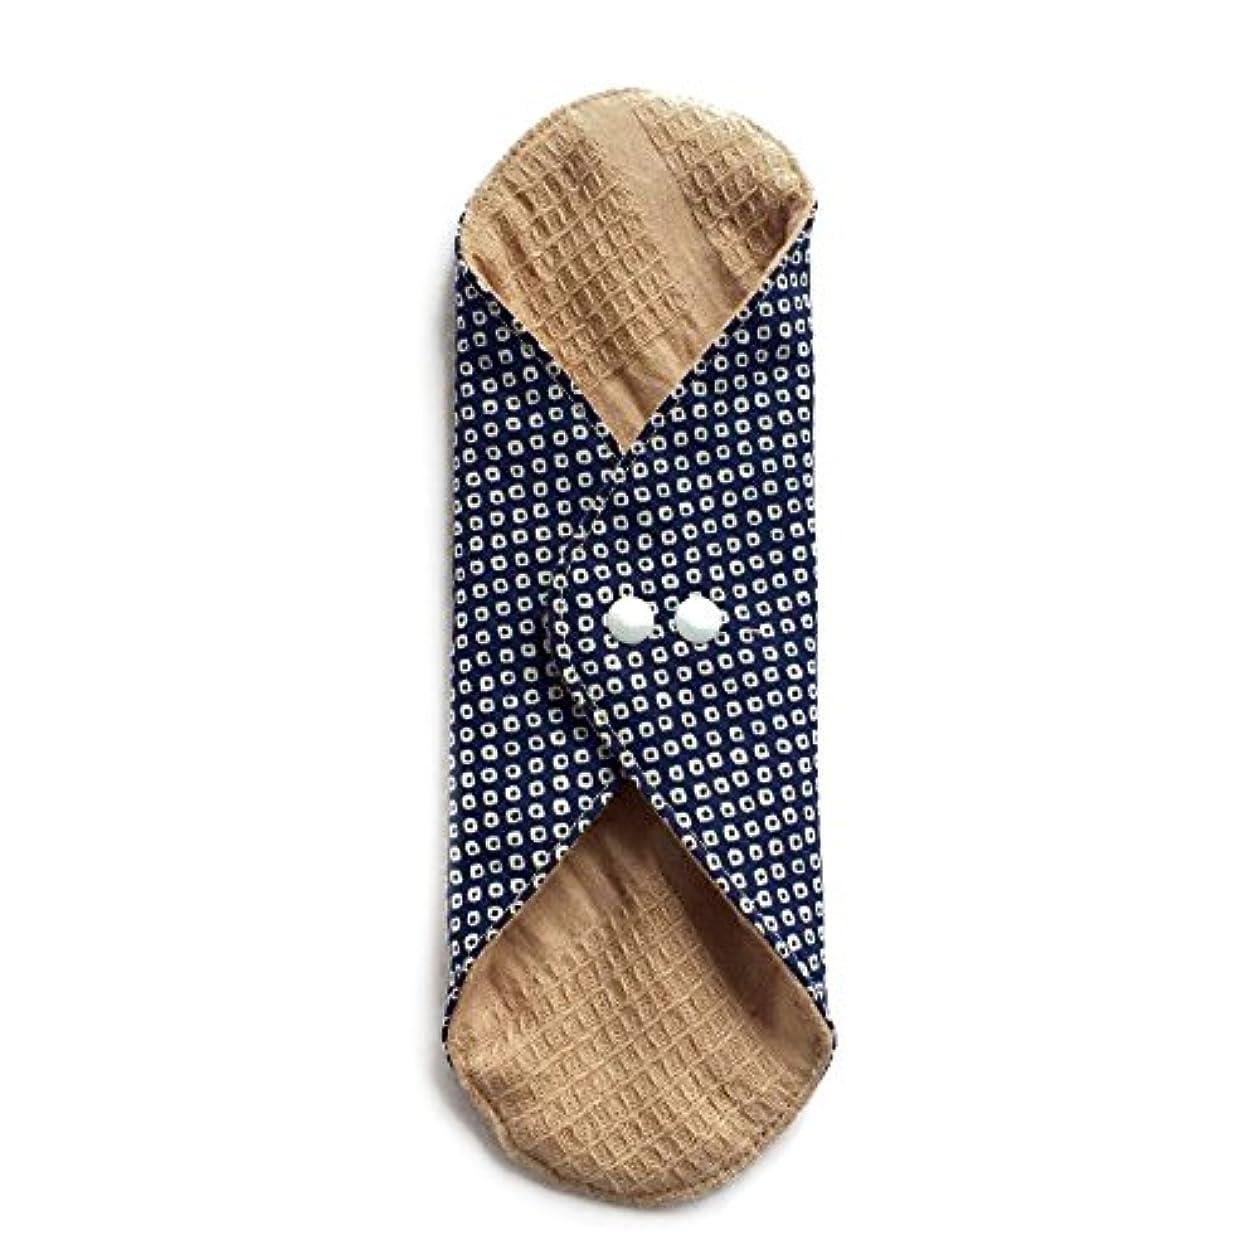 うなずく石置換華布のオーガニックコットンのあたため布 Lサイズ (約18×約20.5×約0.5cm) 鹿の子(紺)